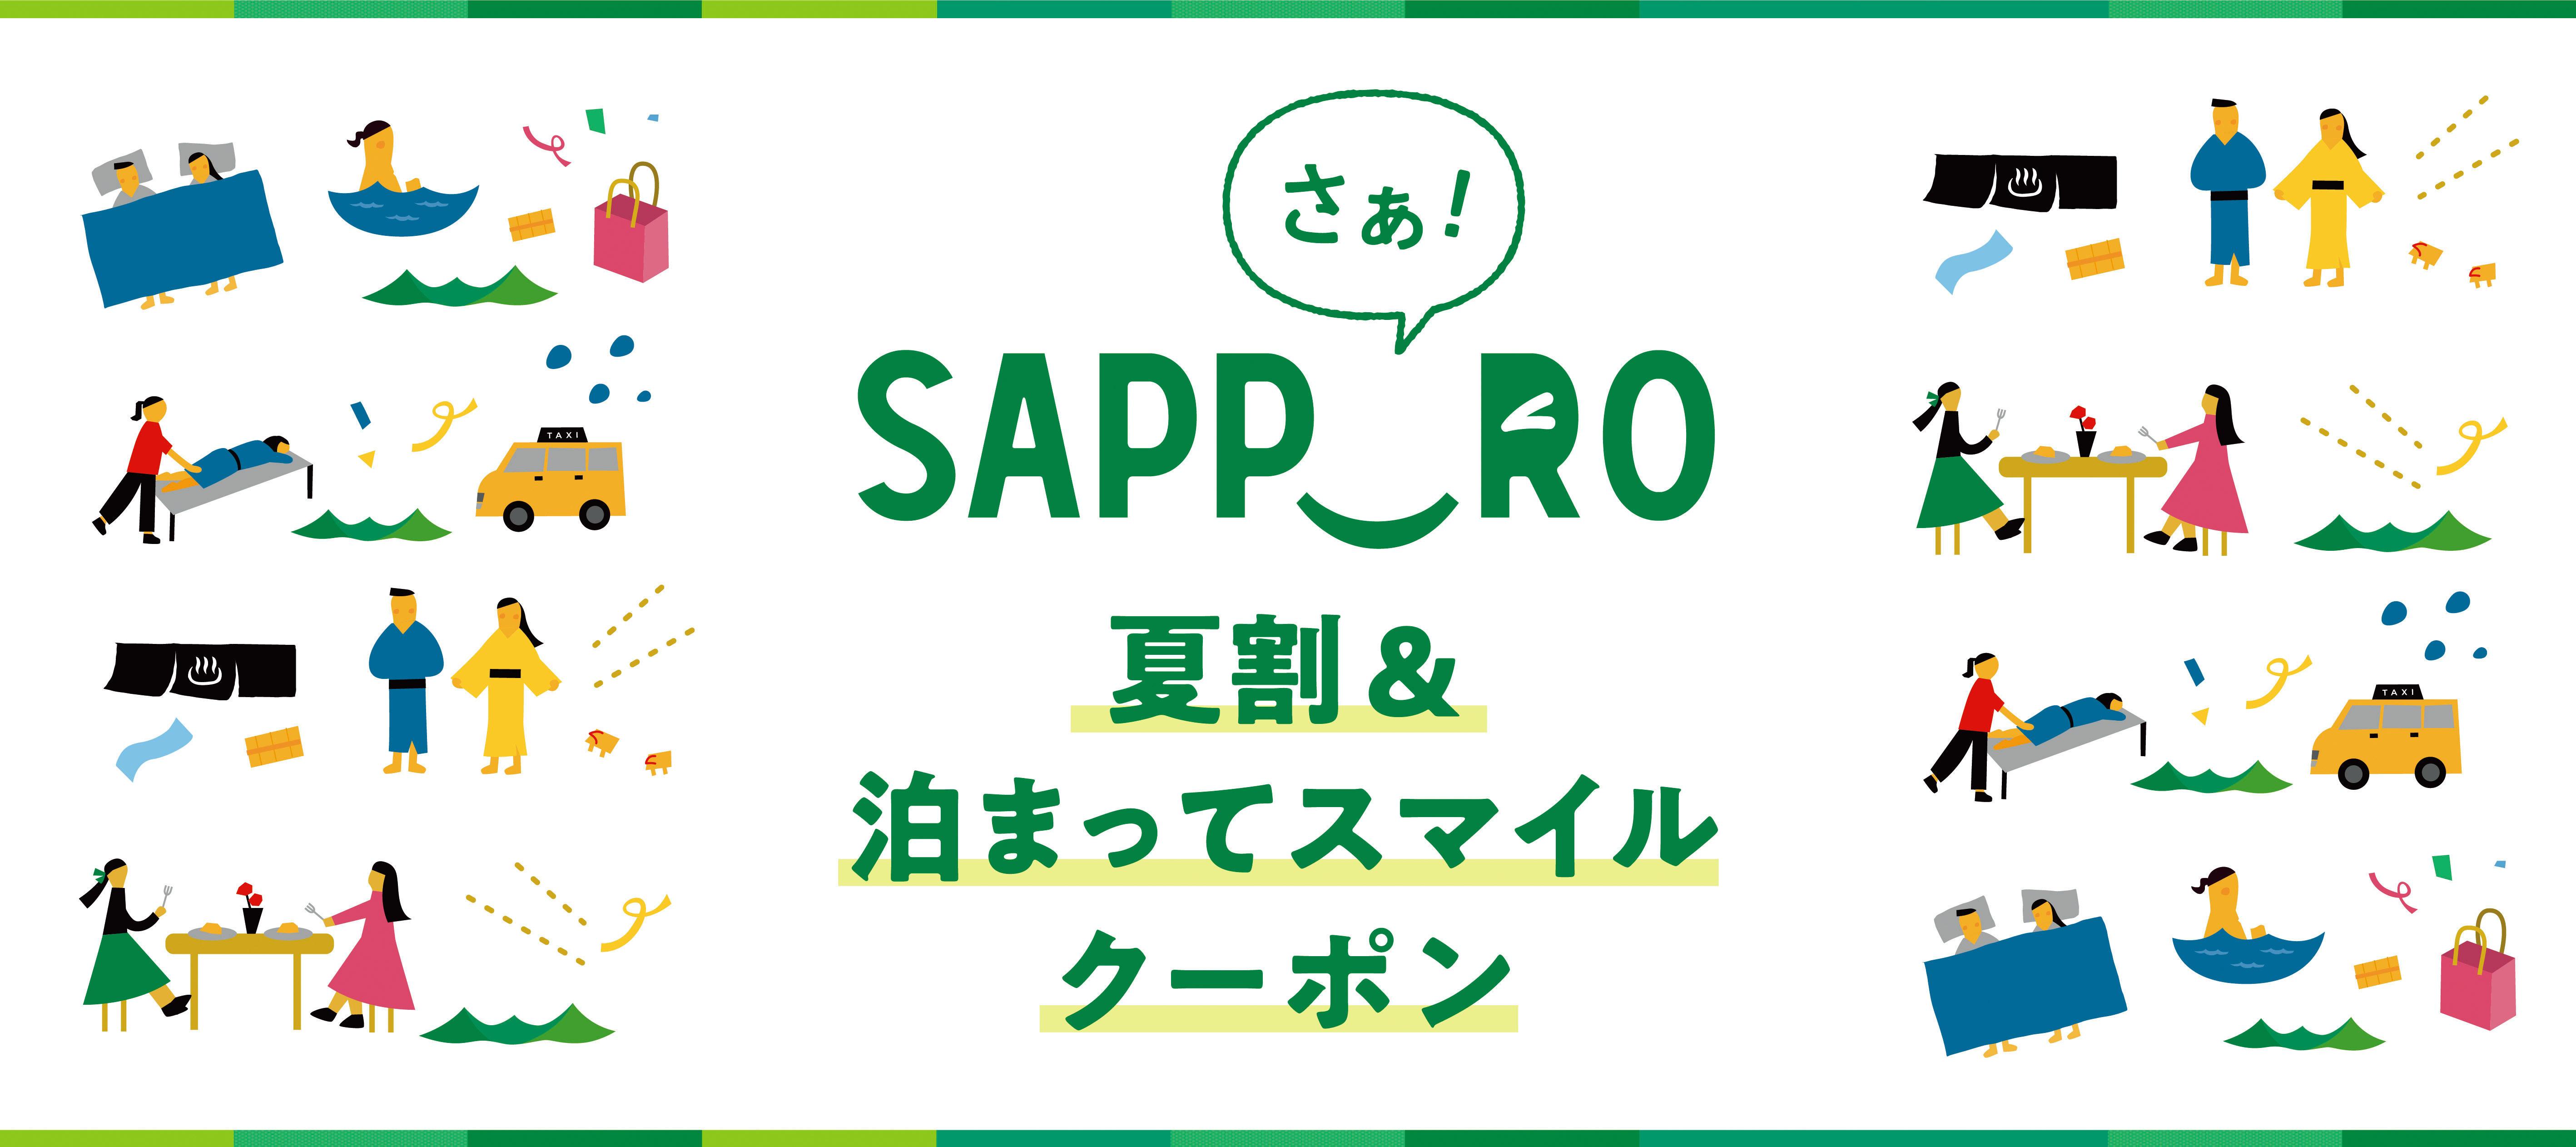 さあ札幌夏割ビジュアル.jpg